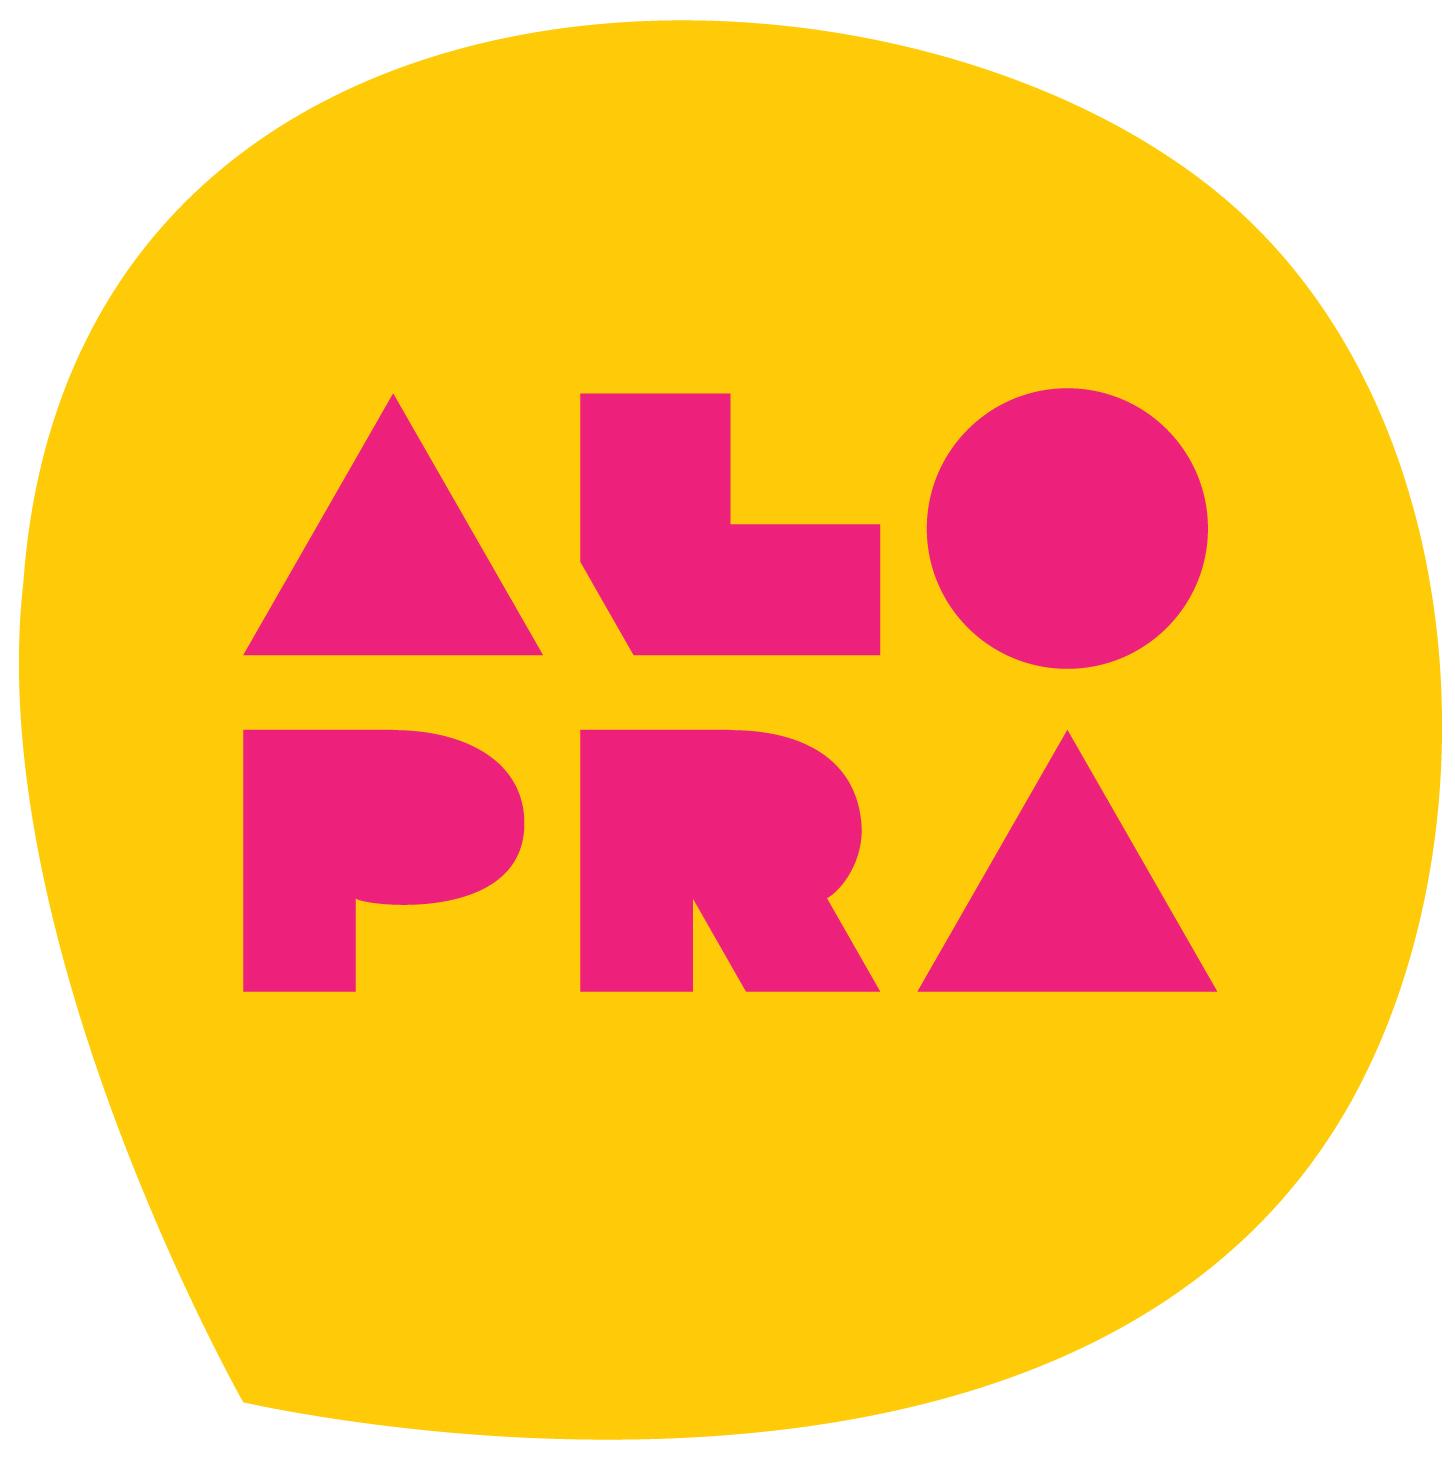 Alopra Studio